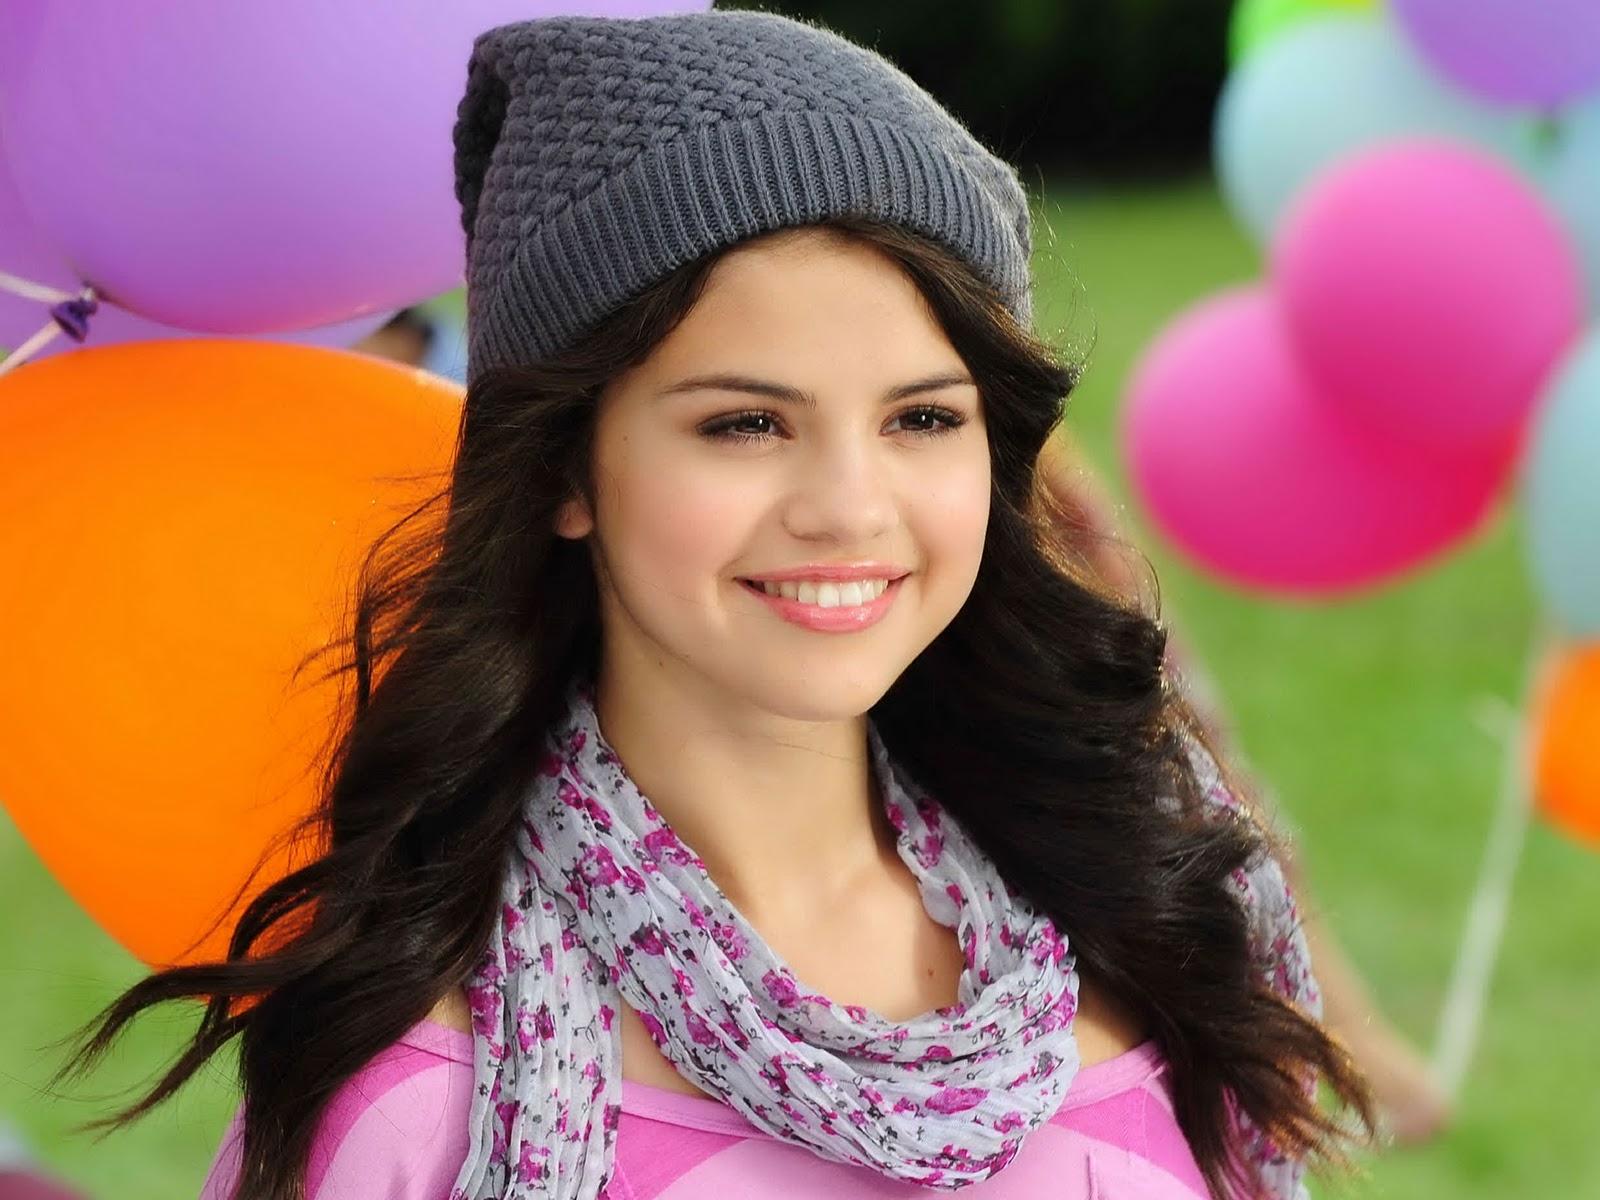 Selena-Gomez-Pictures